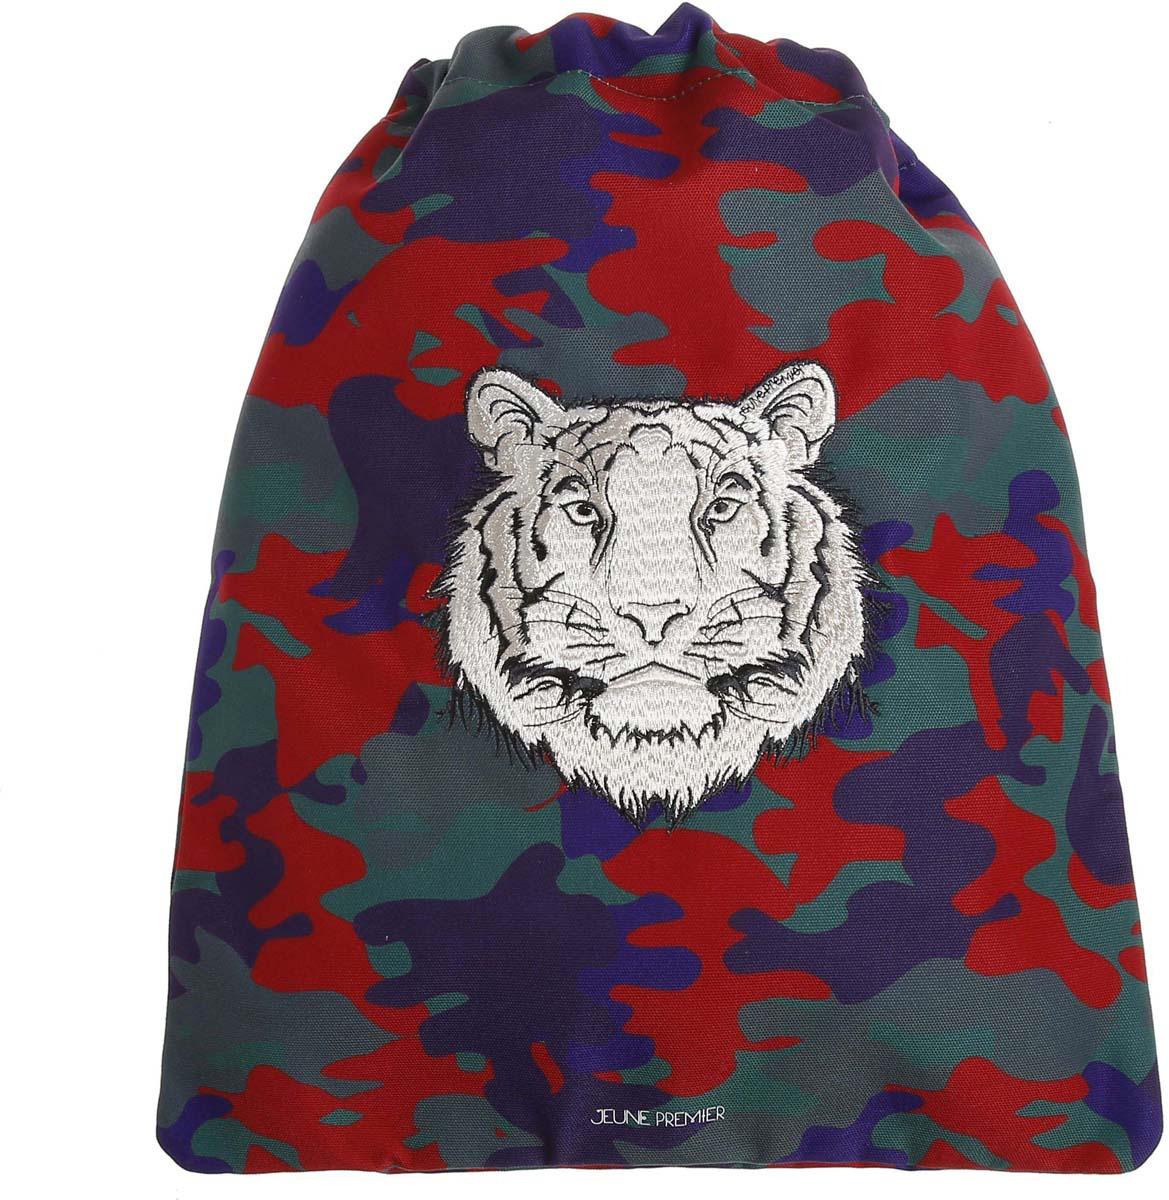 Сумка для сменной обуви и одежды Jeune Premier Тигр, 35,5 х 43 см цена